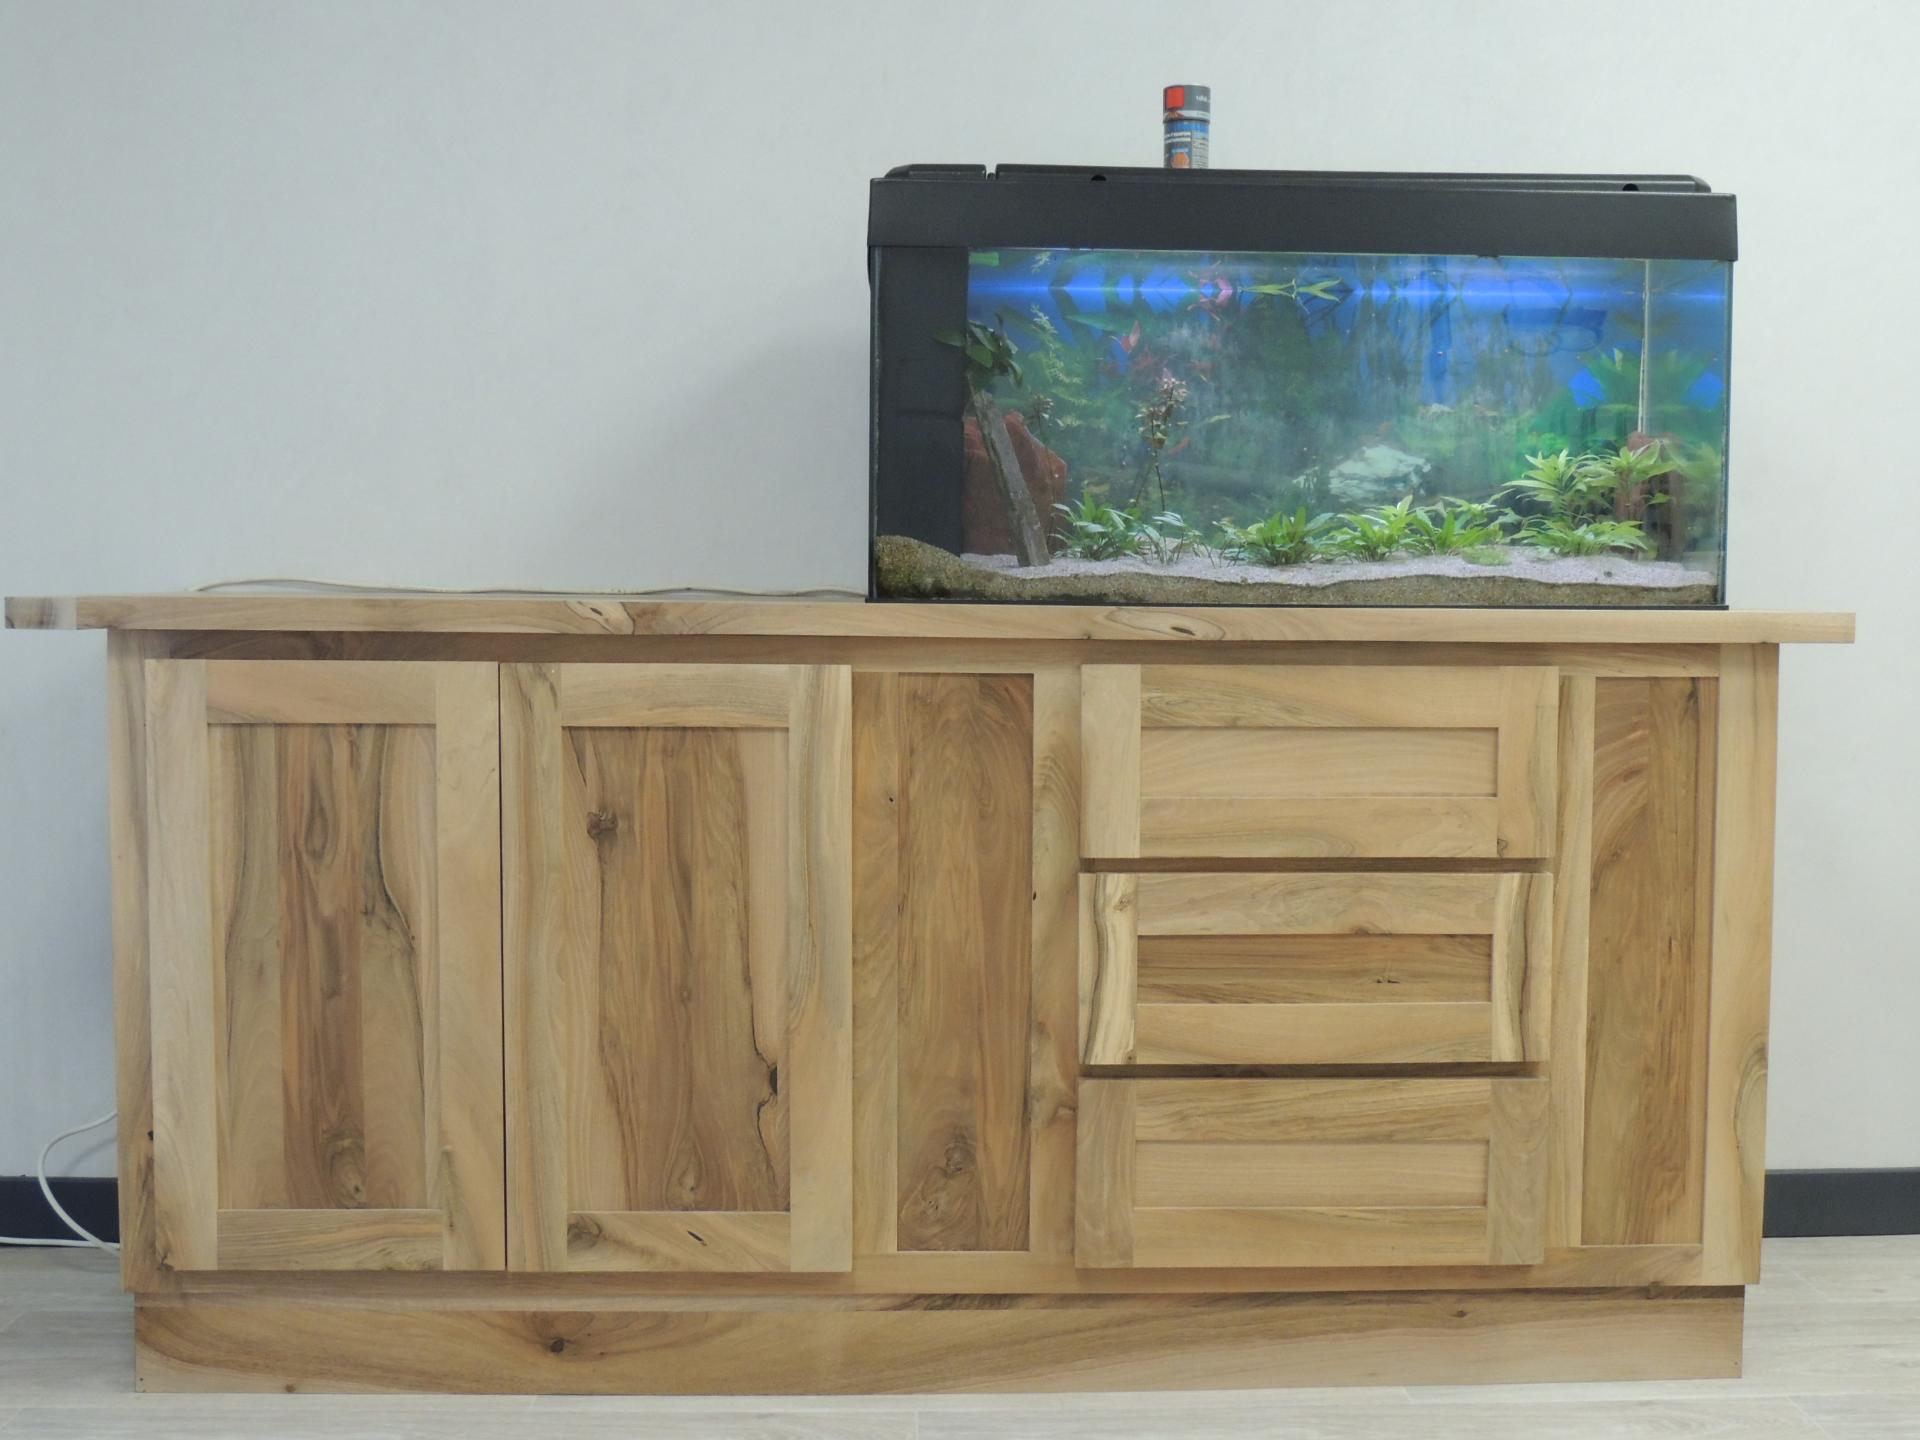 aquarium furniture - www.ateliercannelle.com